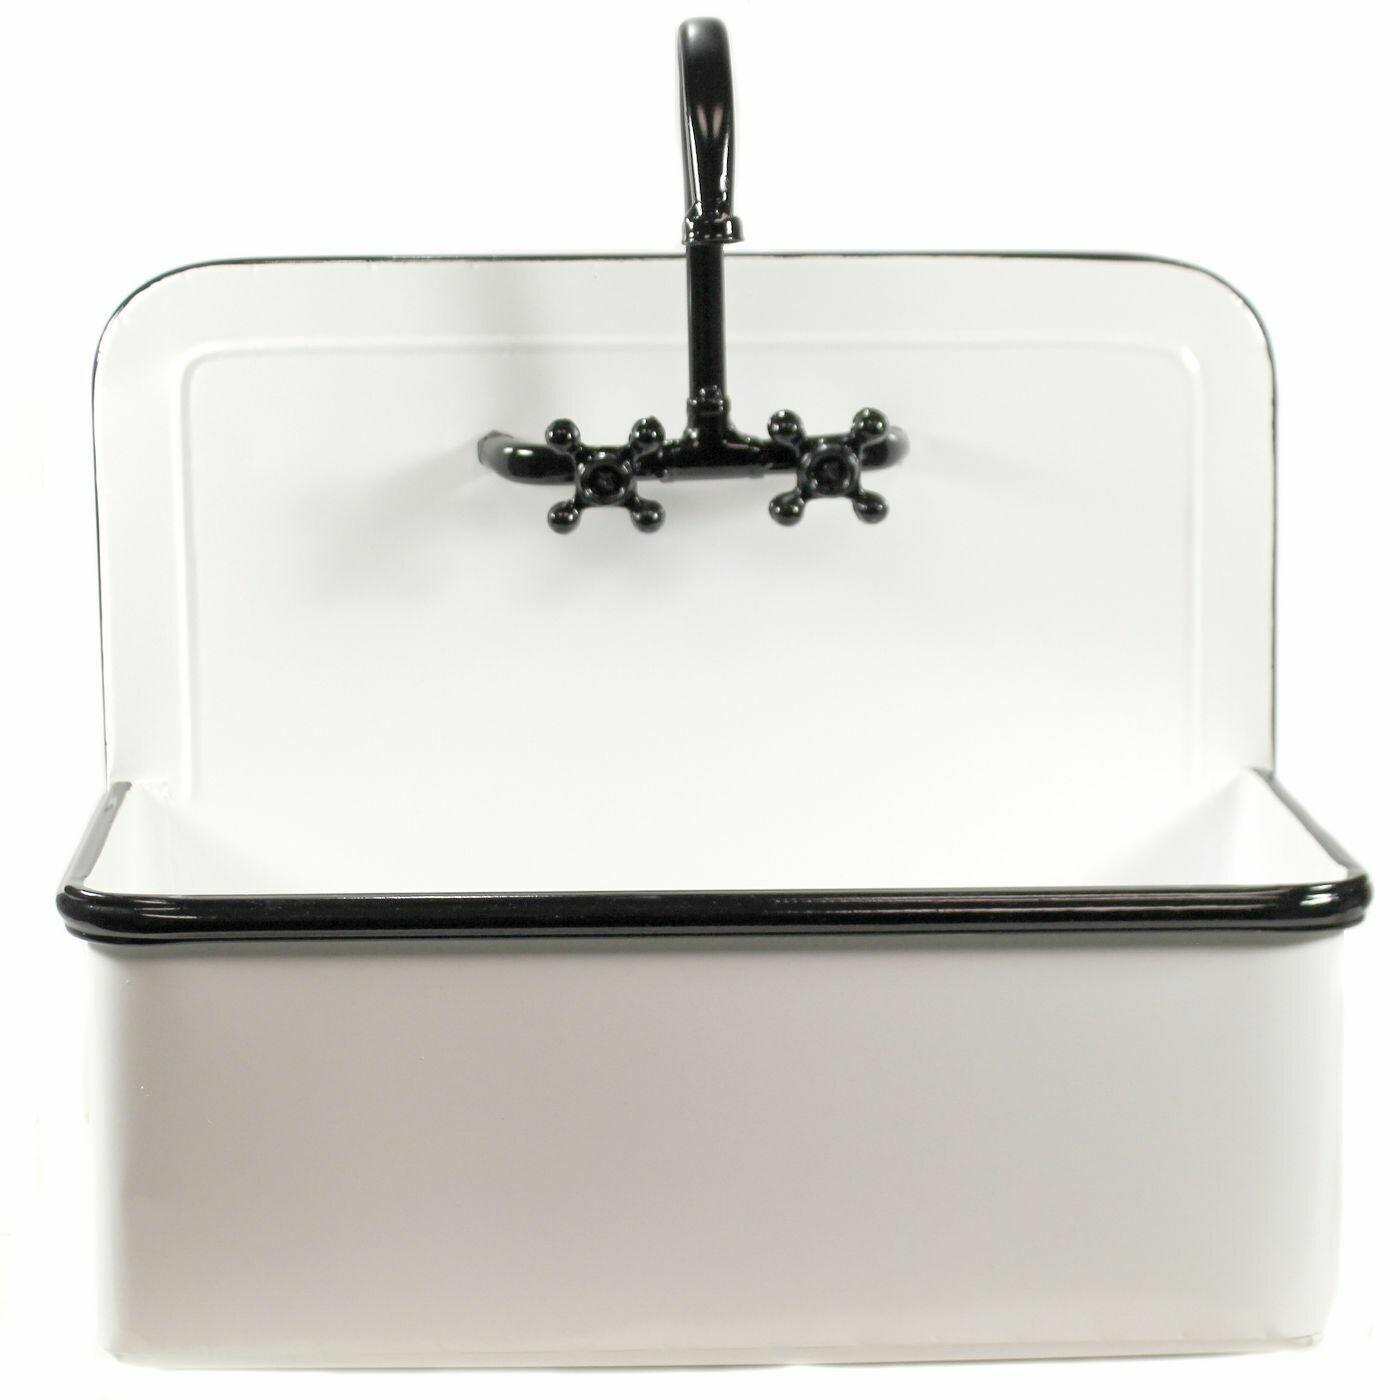 Black & White Enamel Sink Planter L